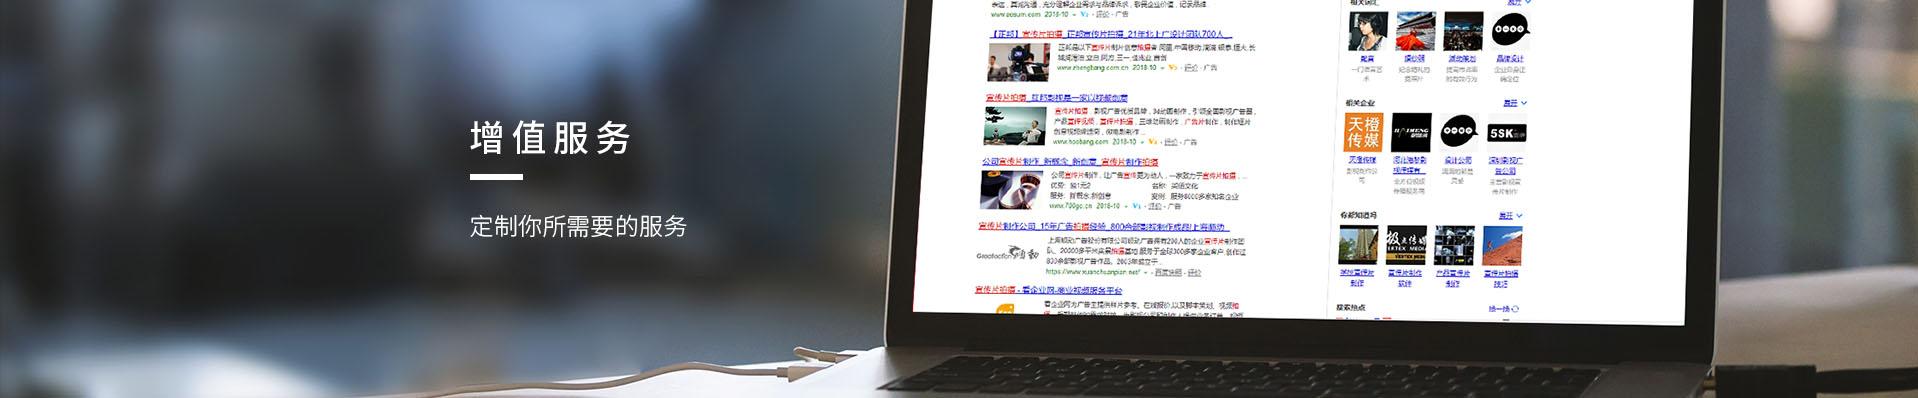 企业宣传片_12博手机网12bet手机网12博 备用网址信息技术有限公司